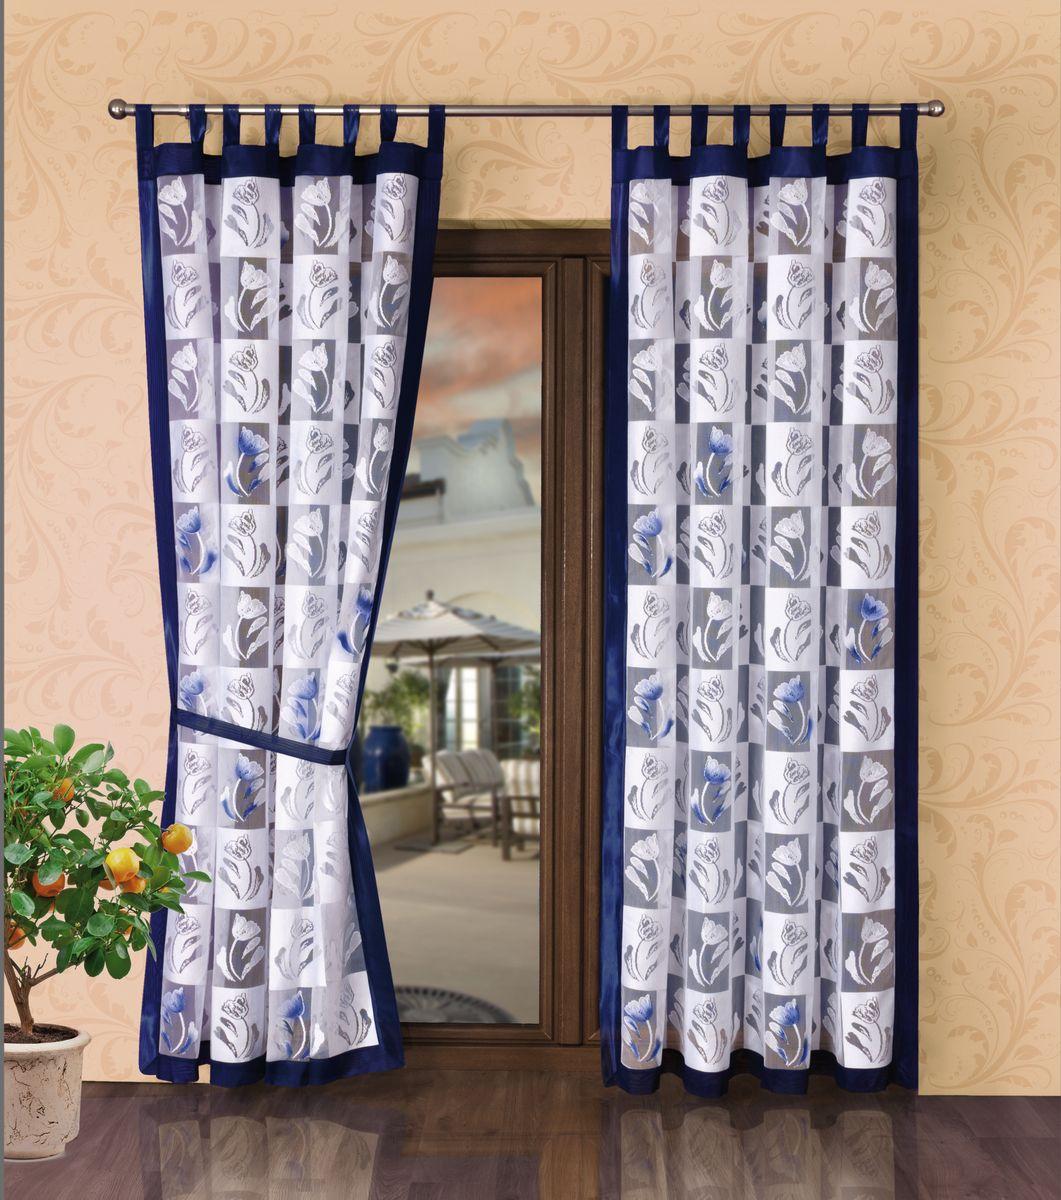 Комплект штор Wisan Zaslony, на петлях, цвет: белый, синий, высота 245 смSVC-300Комплект штор Wisan Zaslony, выполненный из полиэстера, великолепно украсит любое окно. В комплект входят 2 тюлевые шторы на петлях и 2 подхвата.Оригинальный и яркий дизайн придает комплекту особый стиль и шарм. Качественный материал и тонкое плетение, нежная цветовая гамма и роскошное исполнение - все это делает шторы Wisan Zaslony замечательным дополнением интерьера помещения.